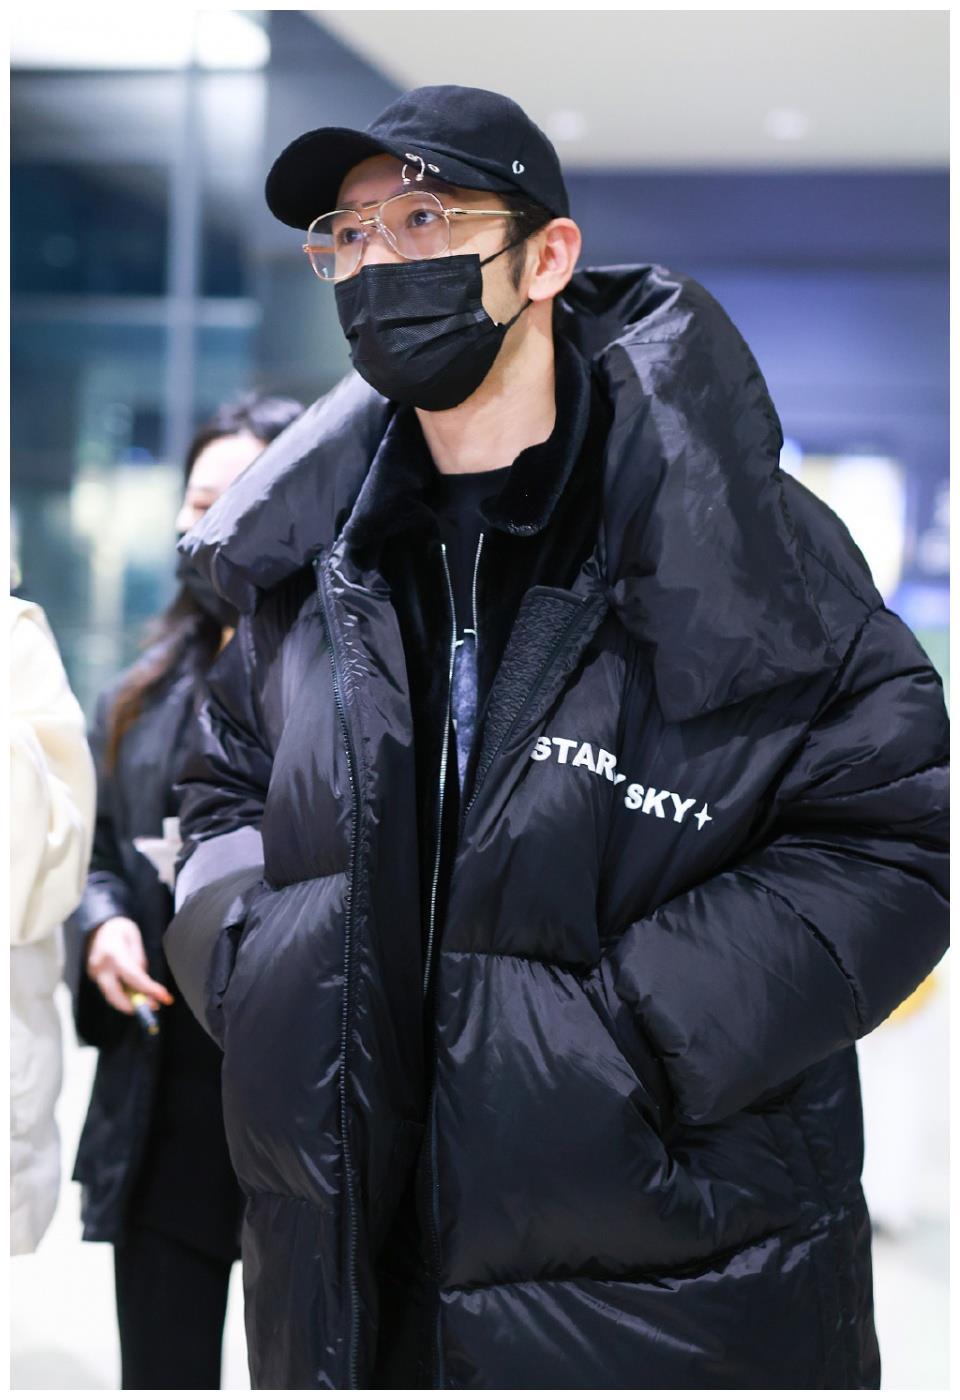 黄晓明现身机场,身穿羽绒服叠穿丝绒夹克黑色西裤